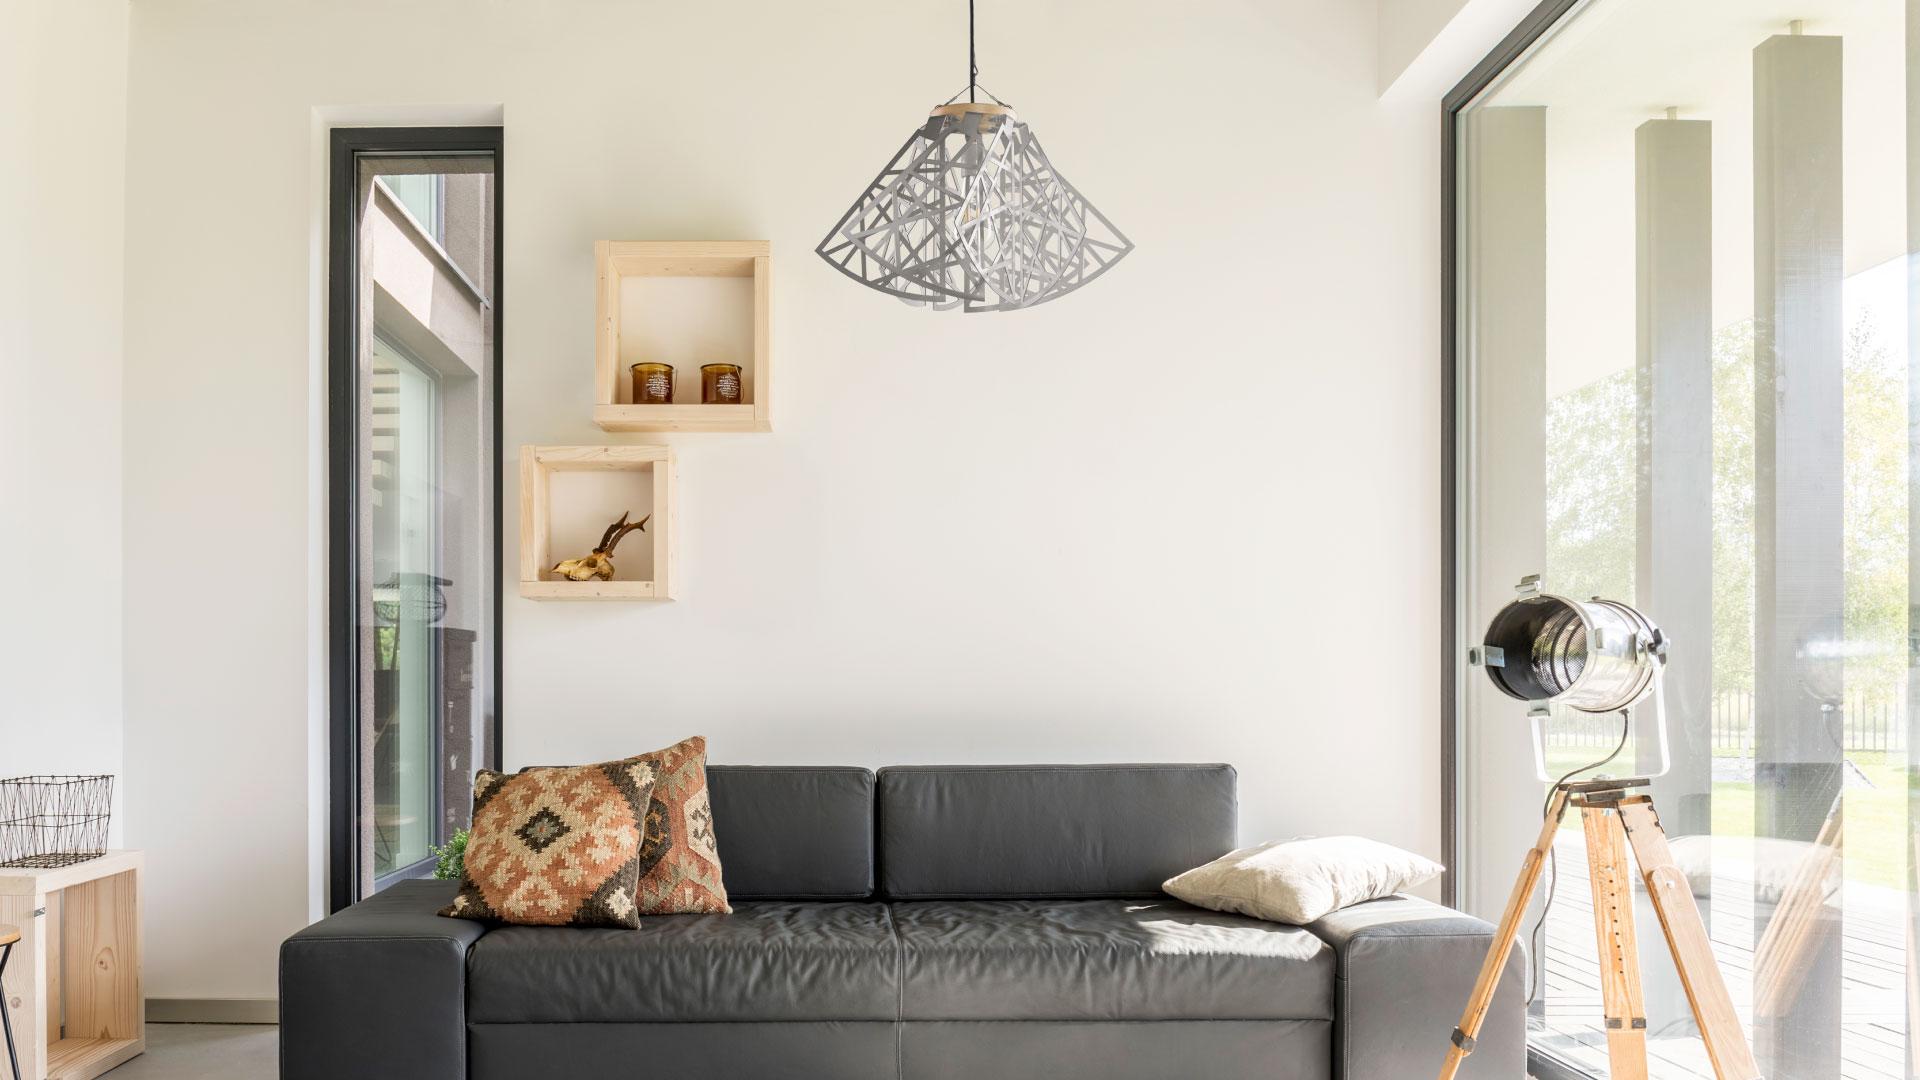 Lámpara CROÓ Rogal recta en salón con sillón negro y ventana lateral